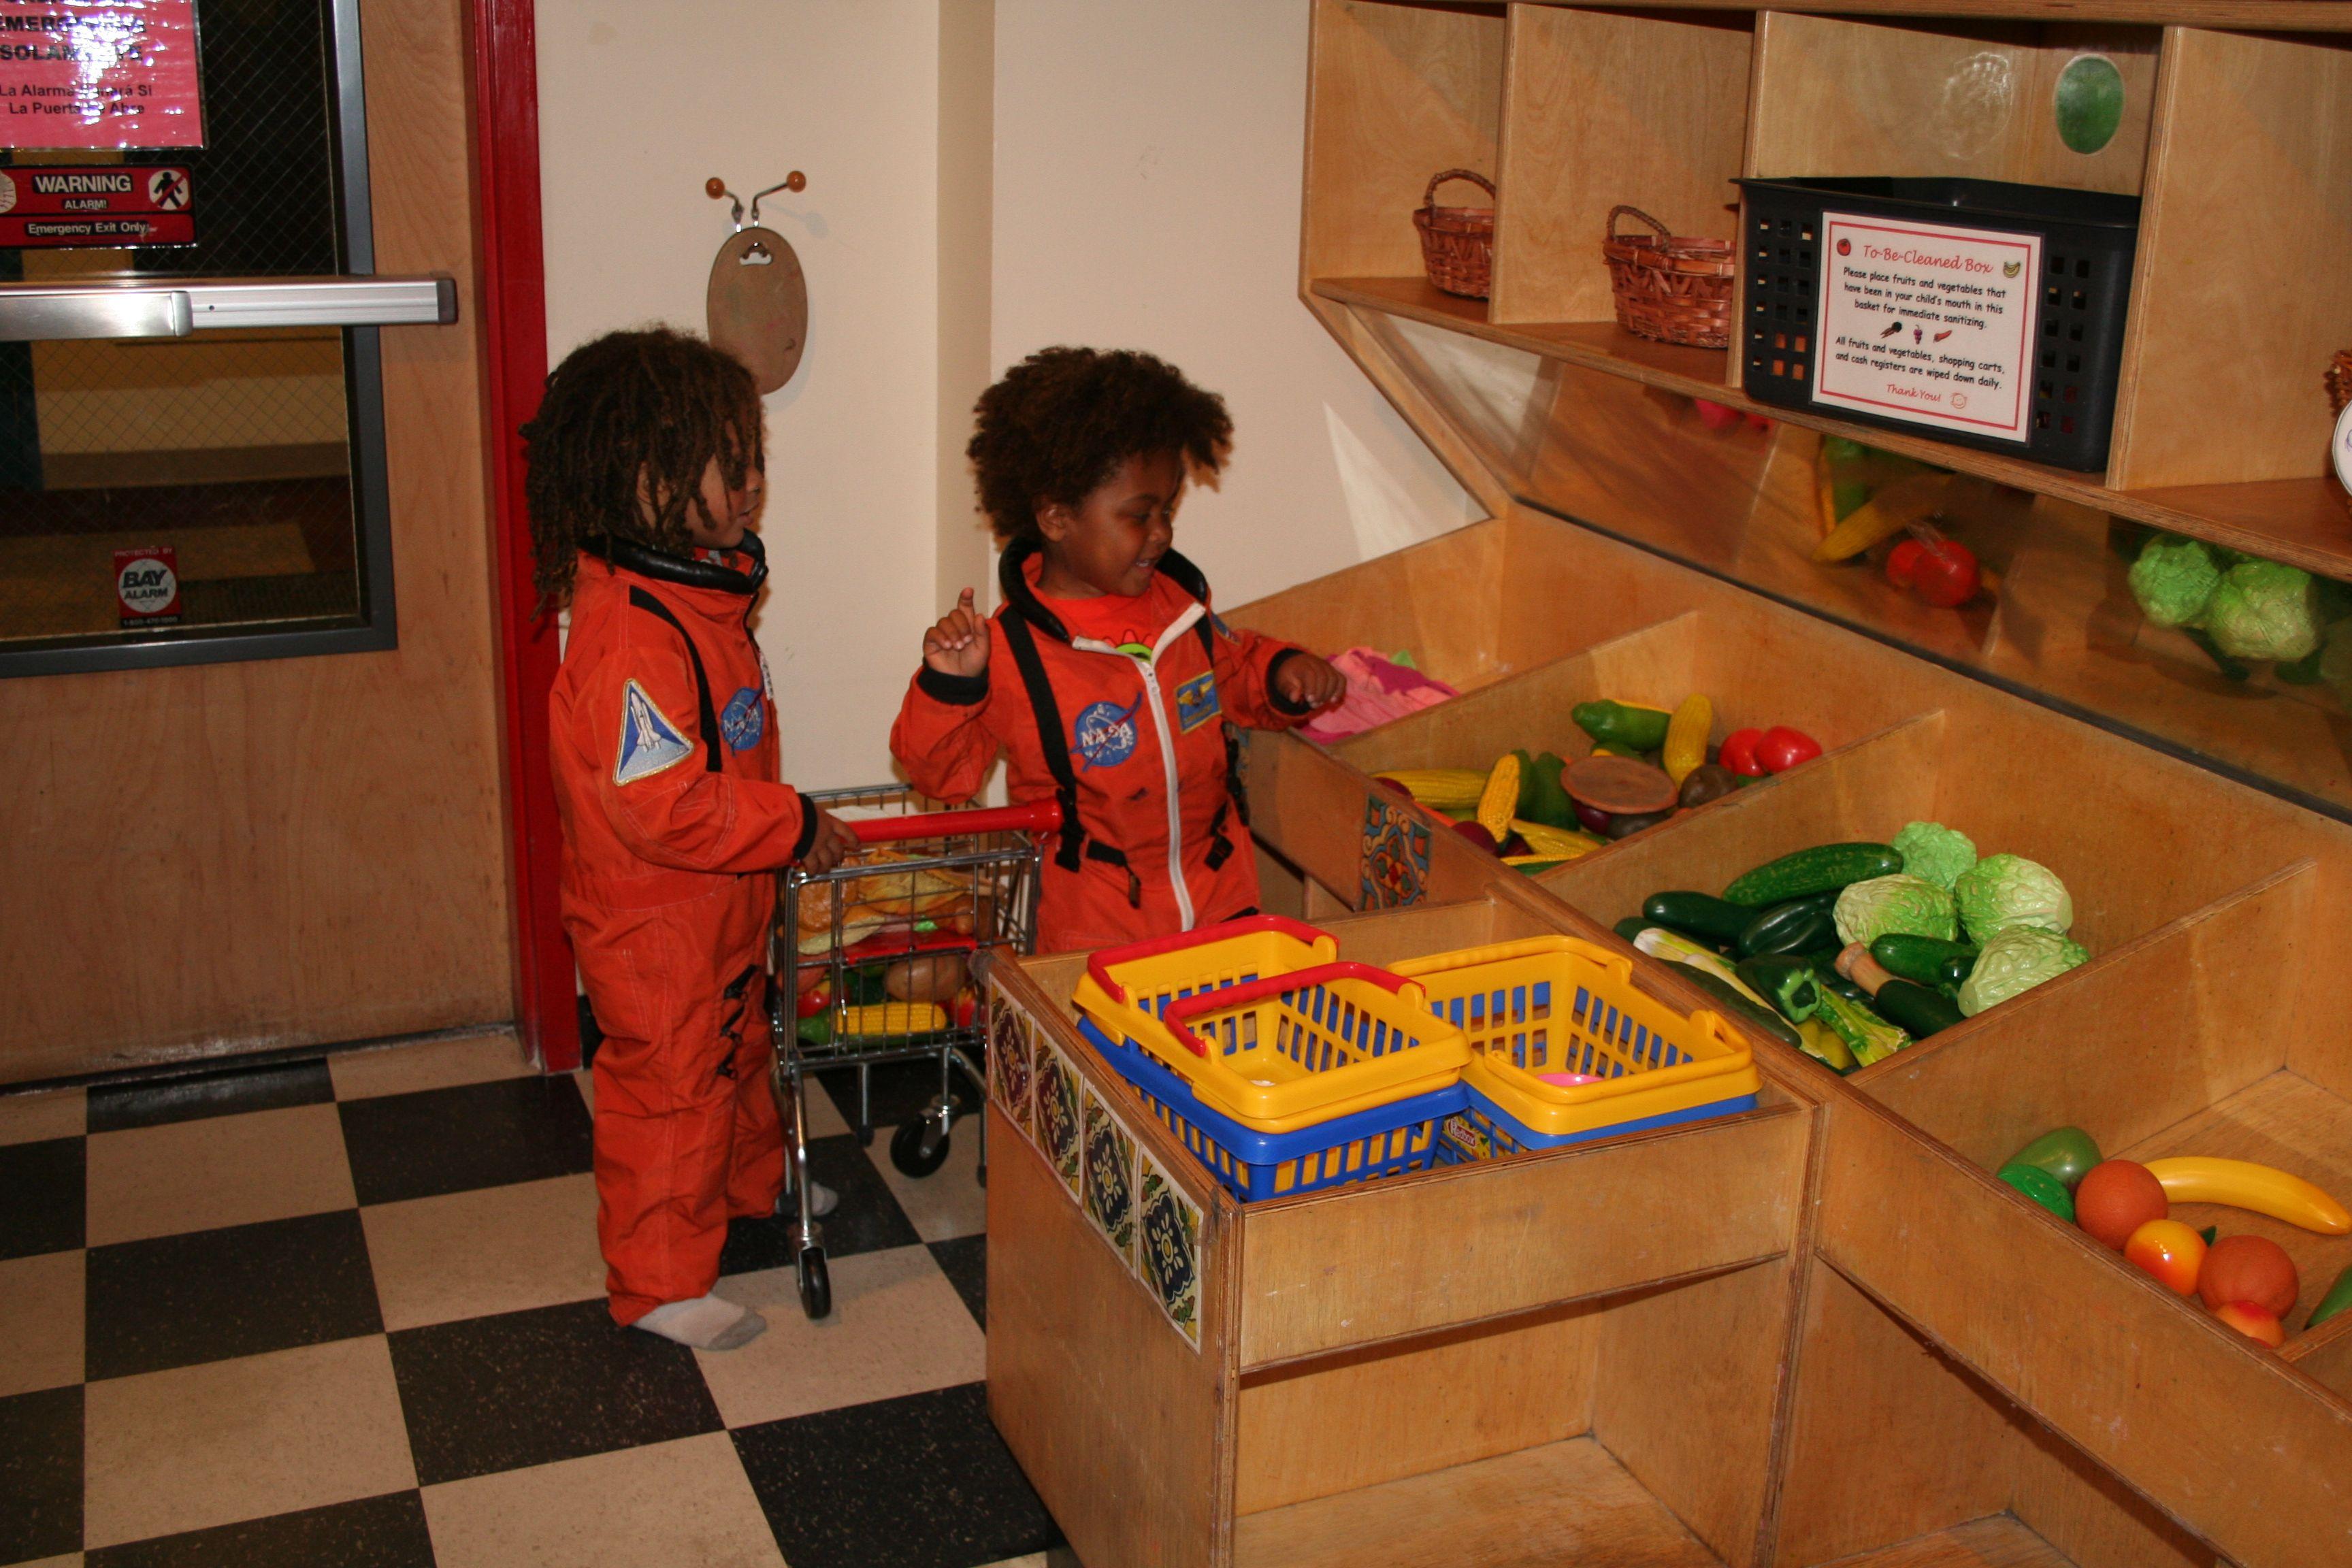 Astronauts going shopping